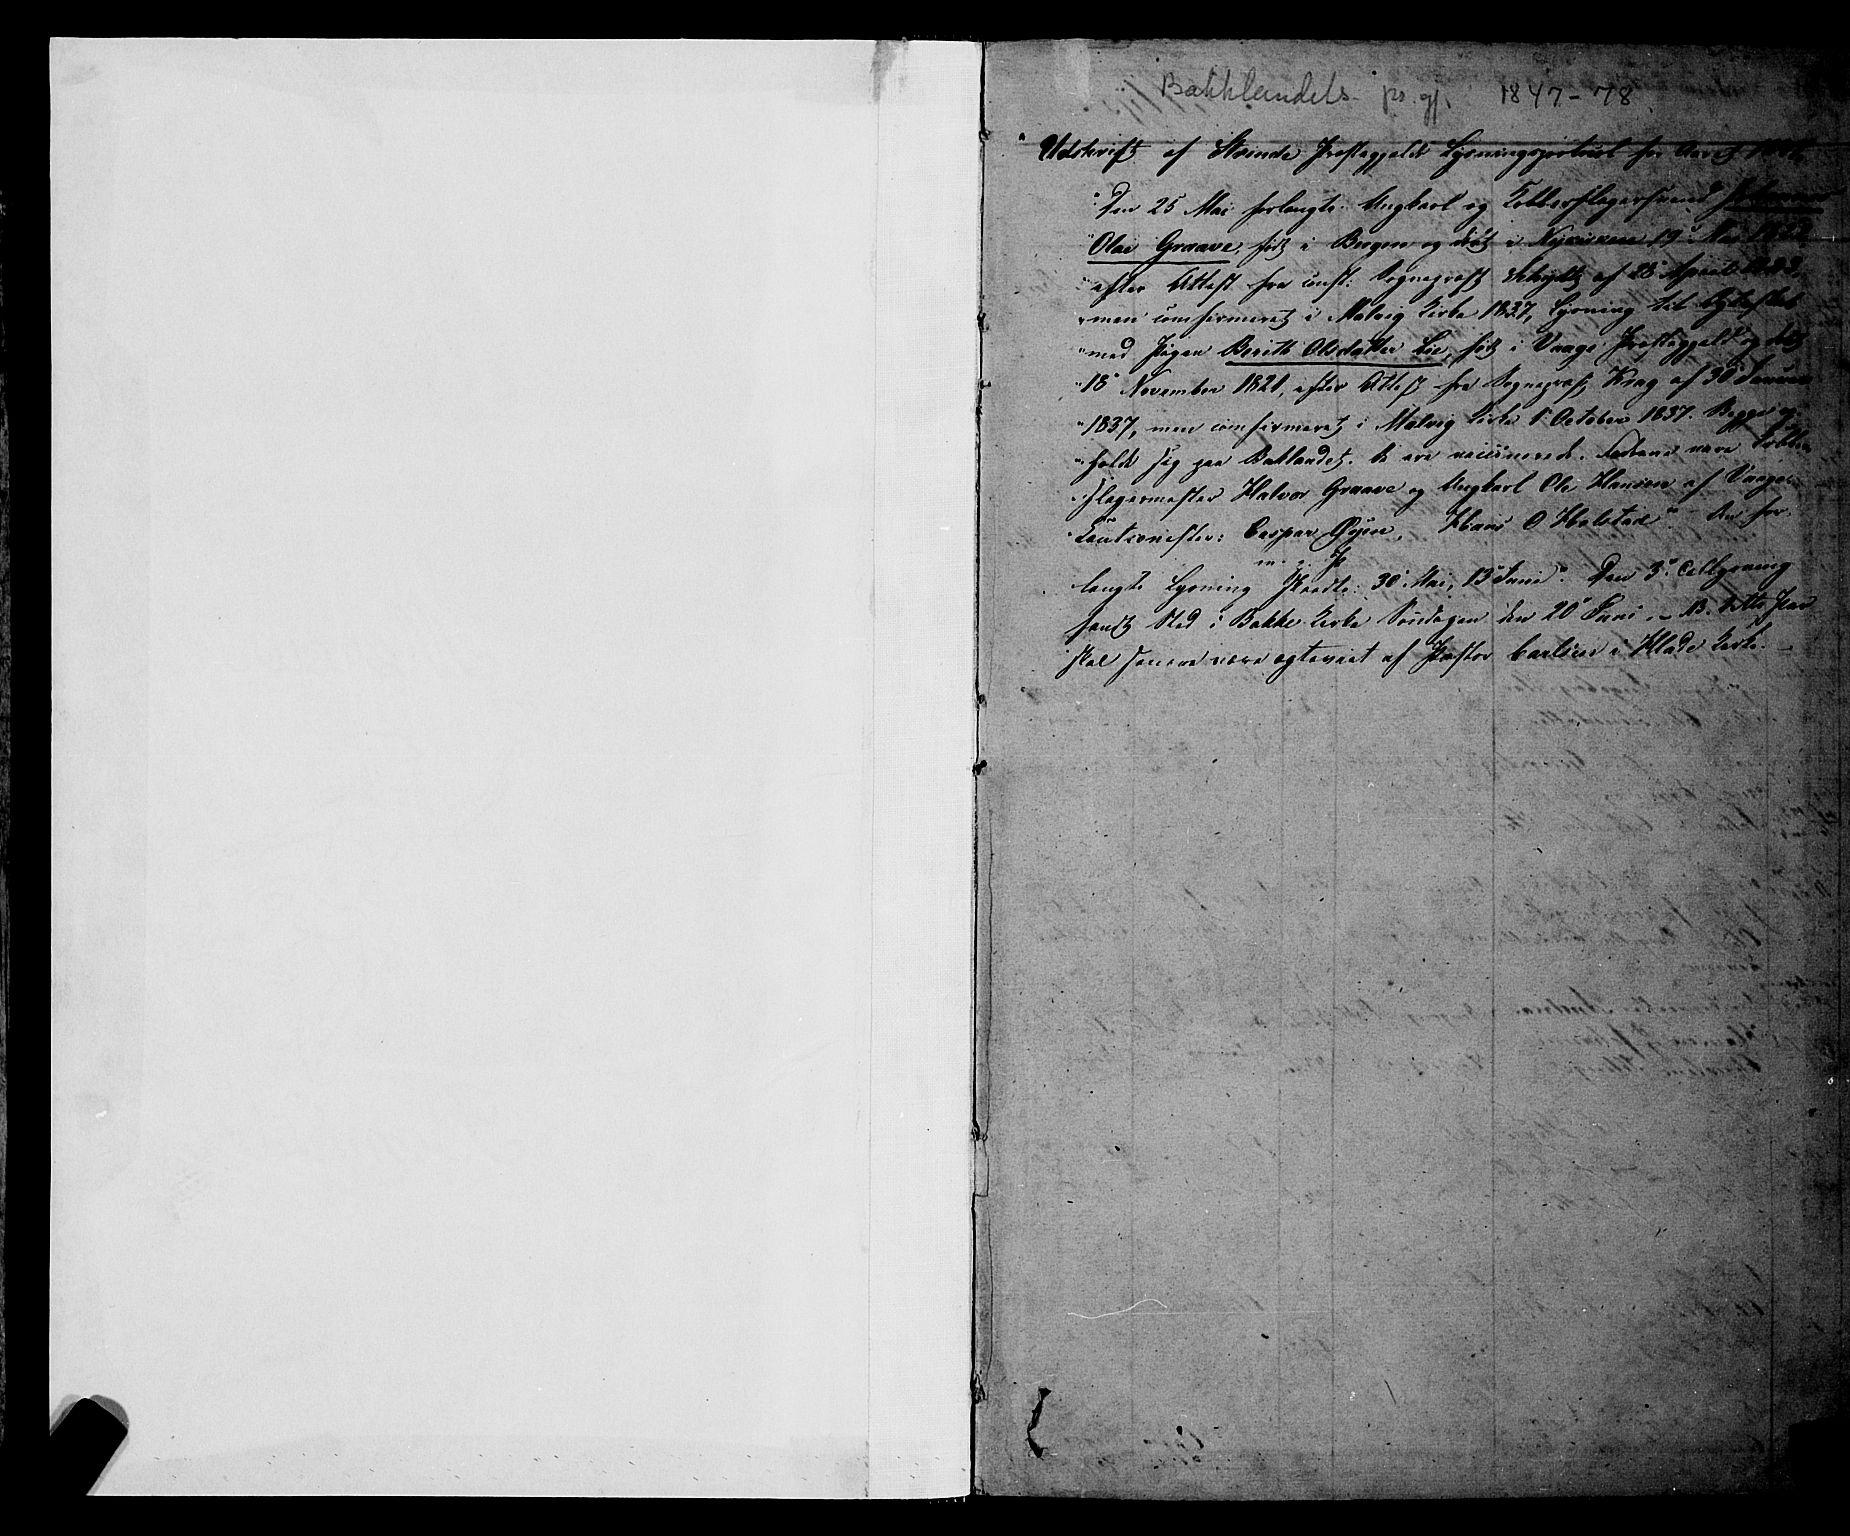 SAT, Ministerialprotokoller, klokkerbøker og fødselsregistre - Sør-Trøndelag, 604/L0187: Ministerialbok nr. 604A08, 1847-1878, s. 1